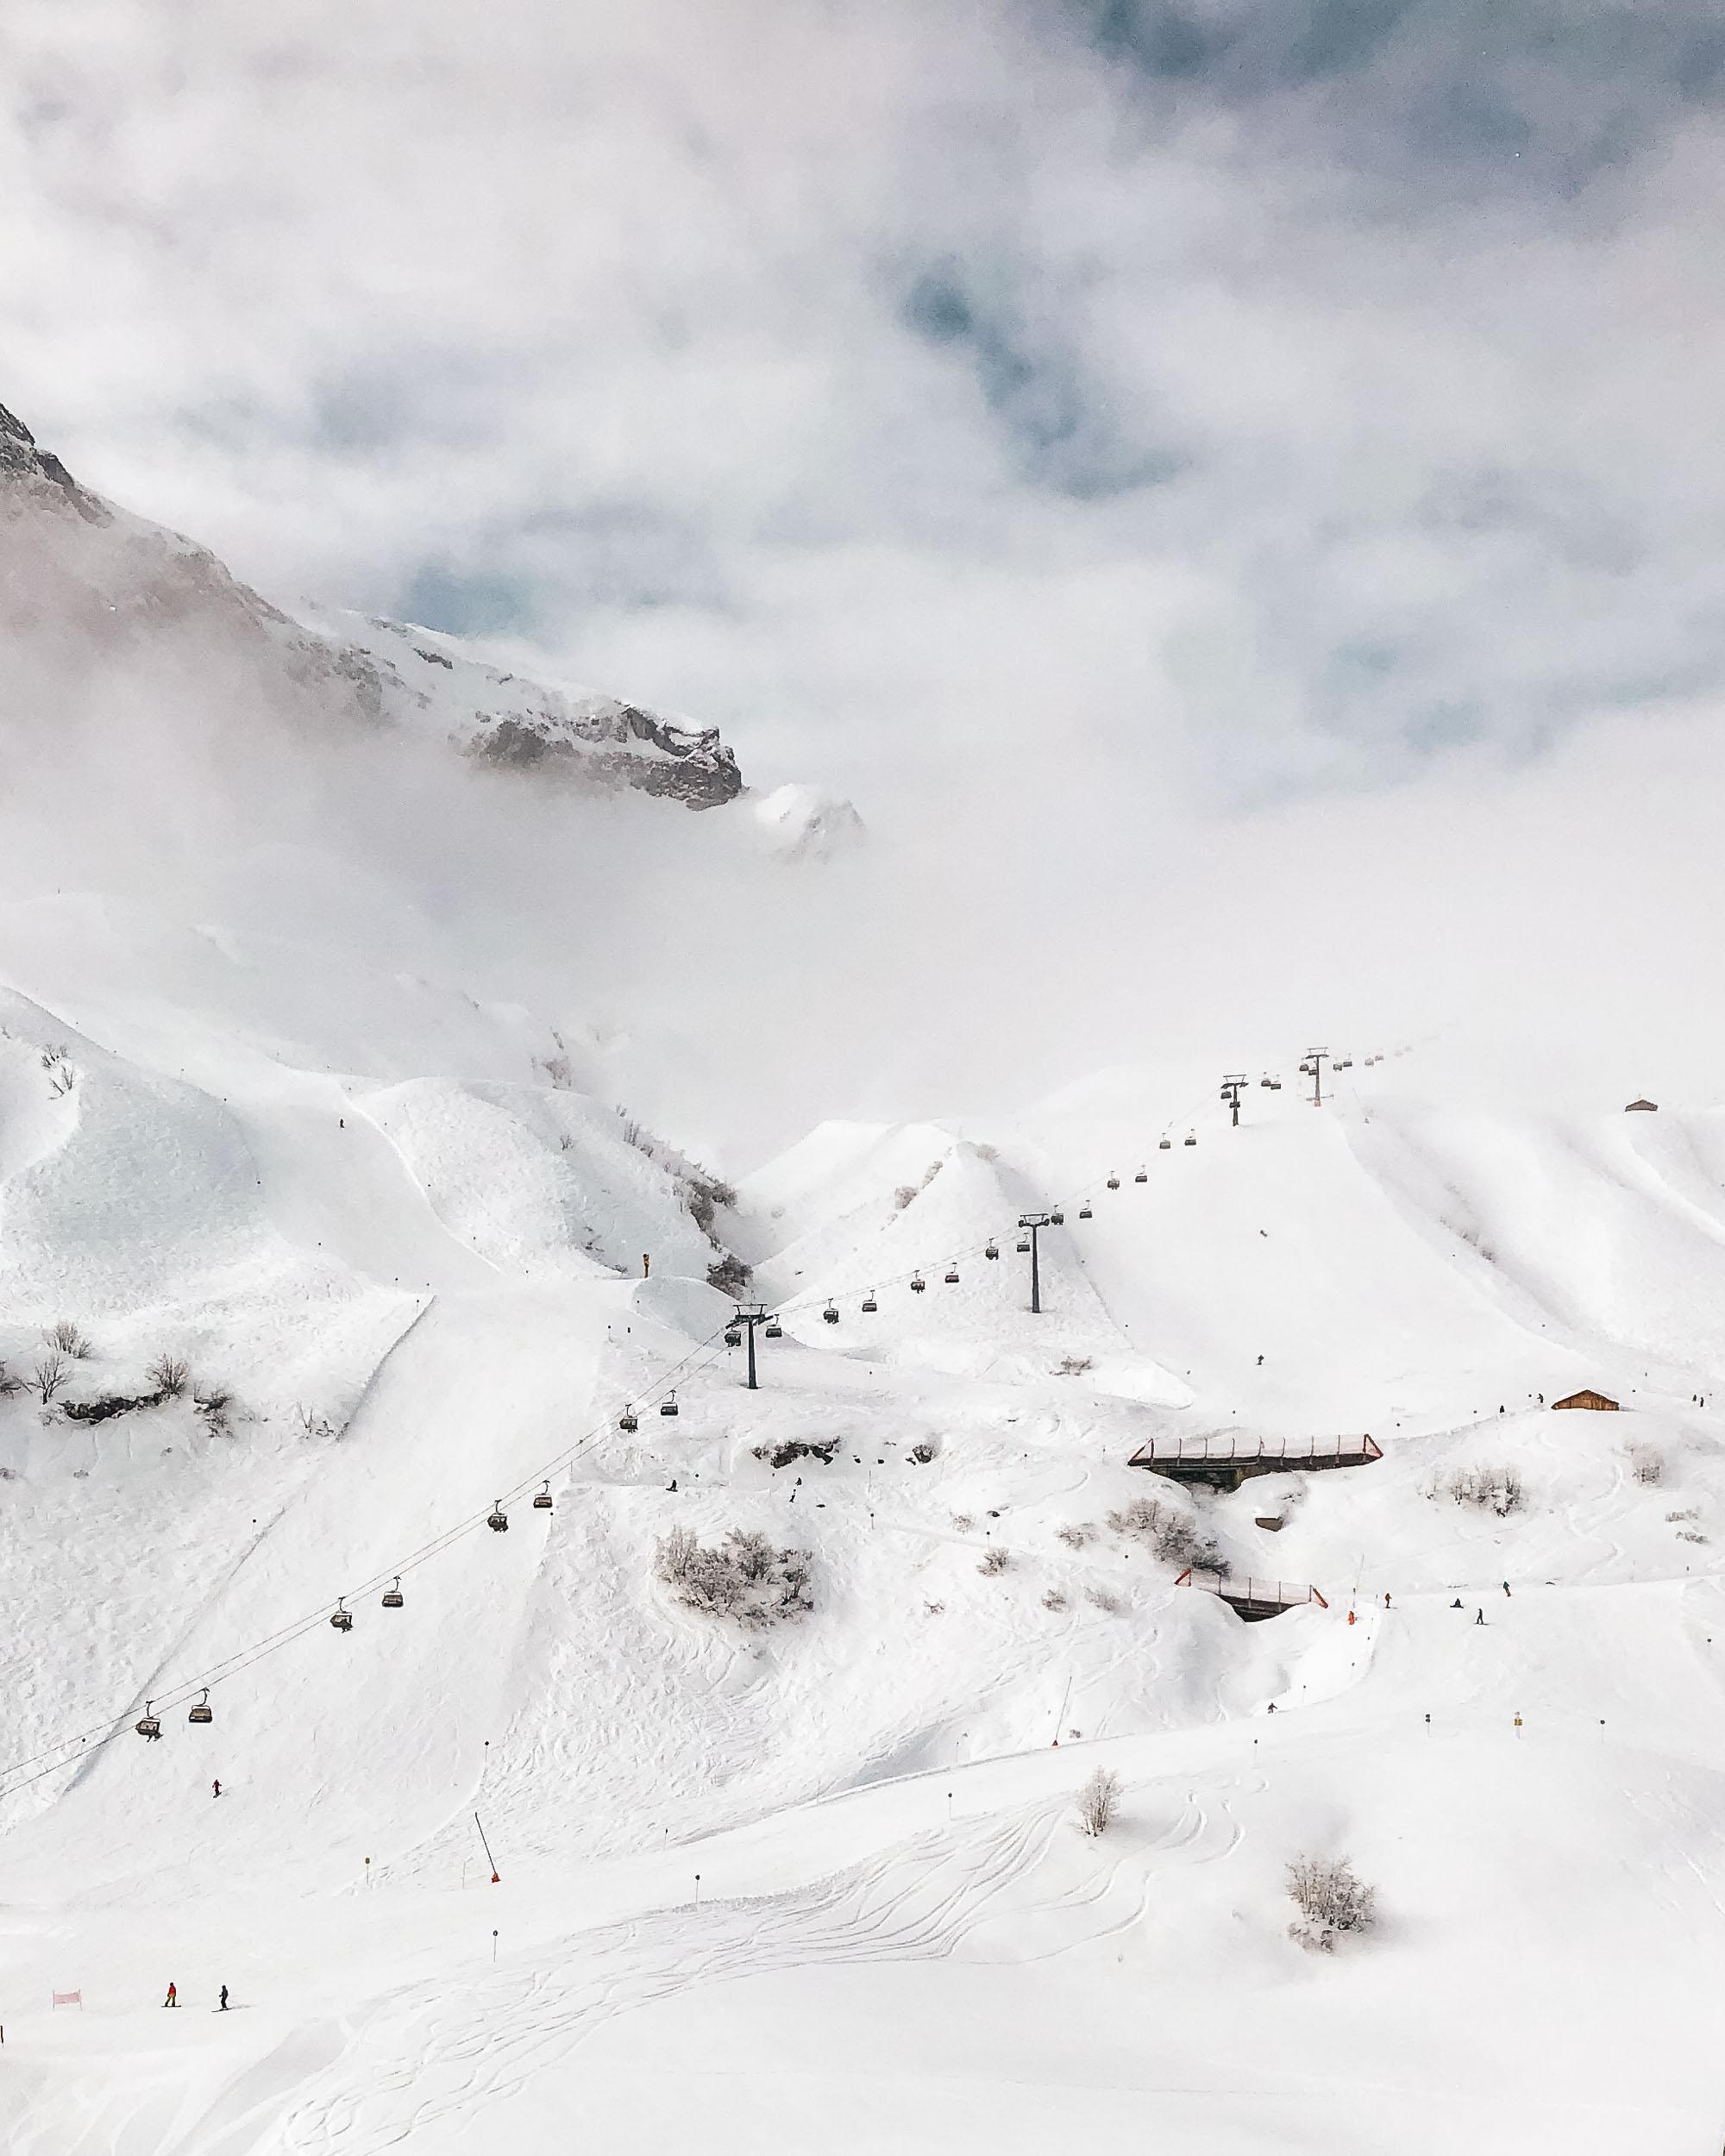 Ski slopes in Lech Austria in Europe